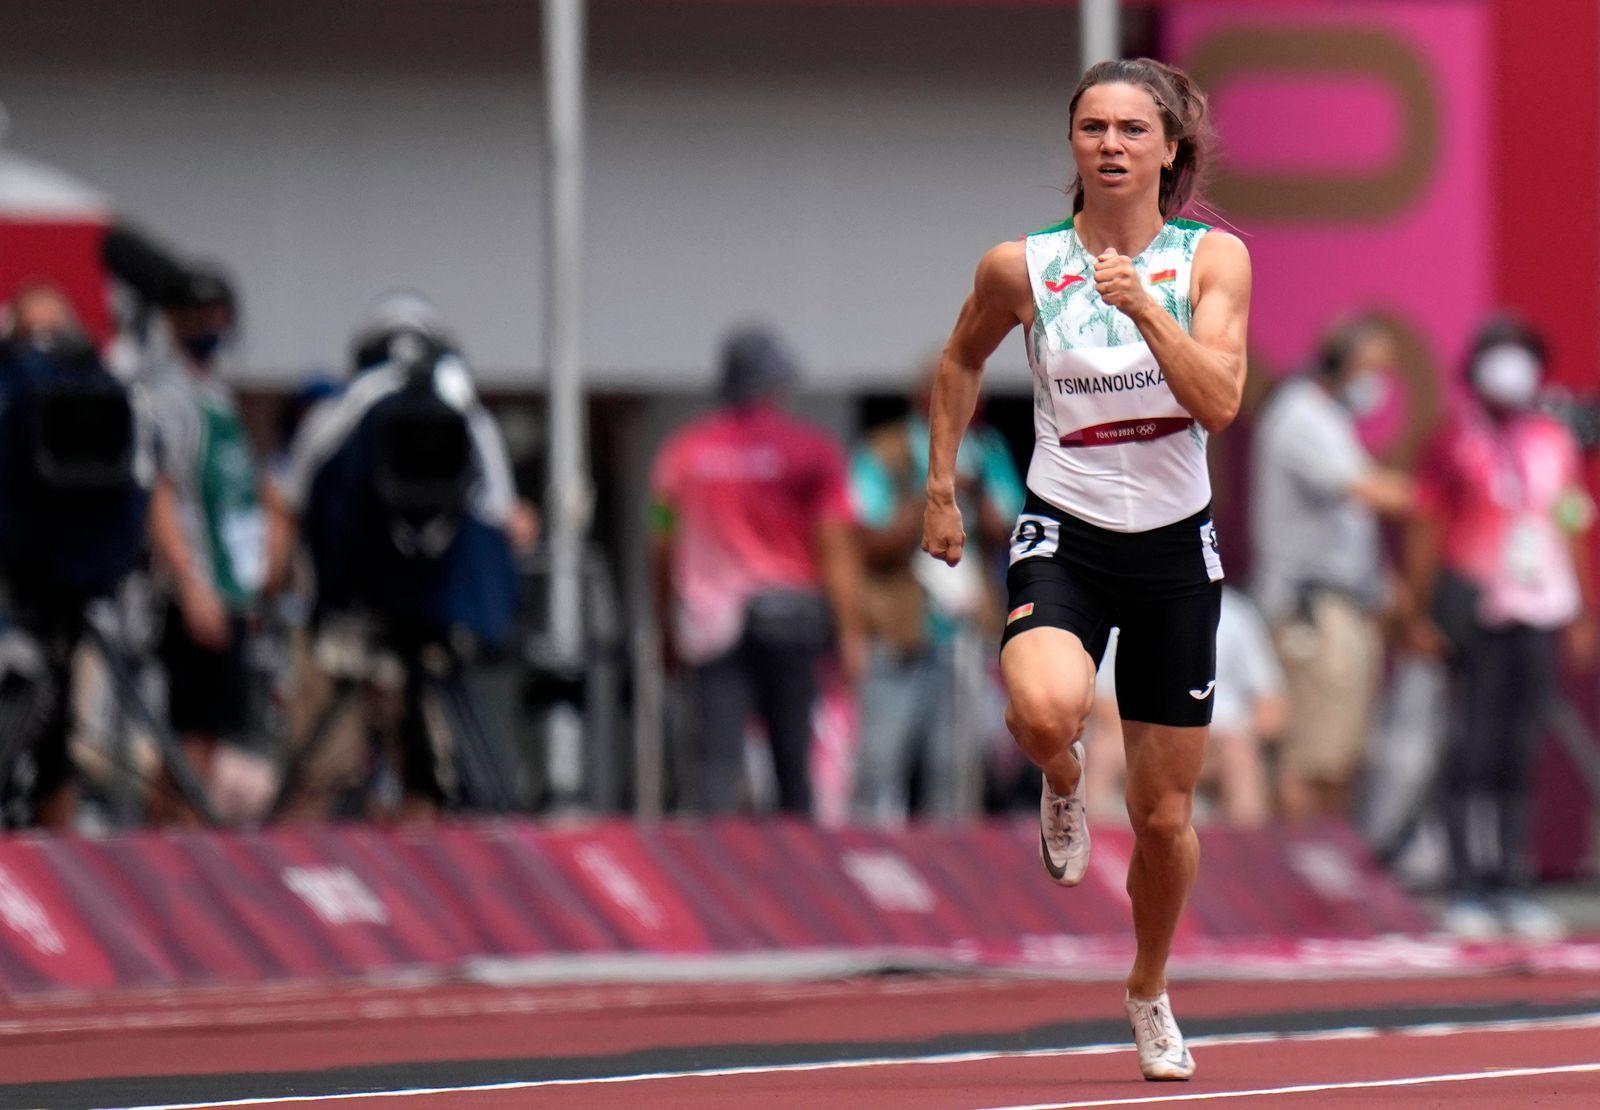 Tokio 2020 - Abzug von belarussicher Athletin Tsimanouskaya